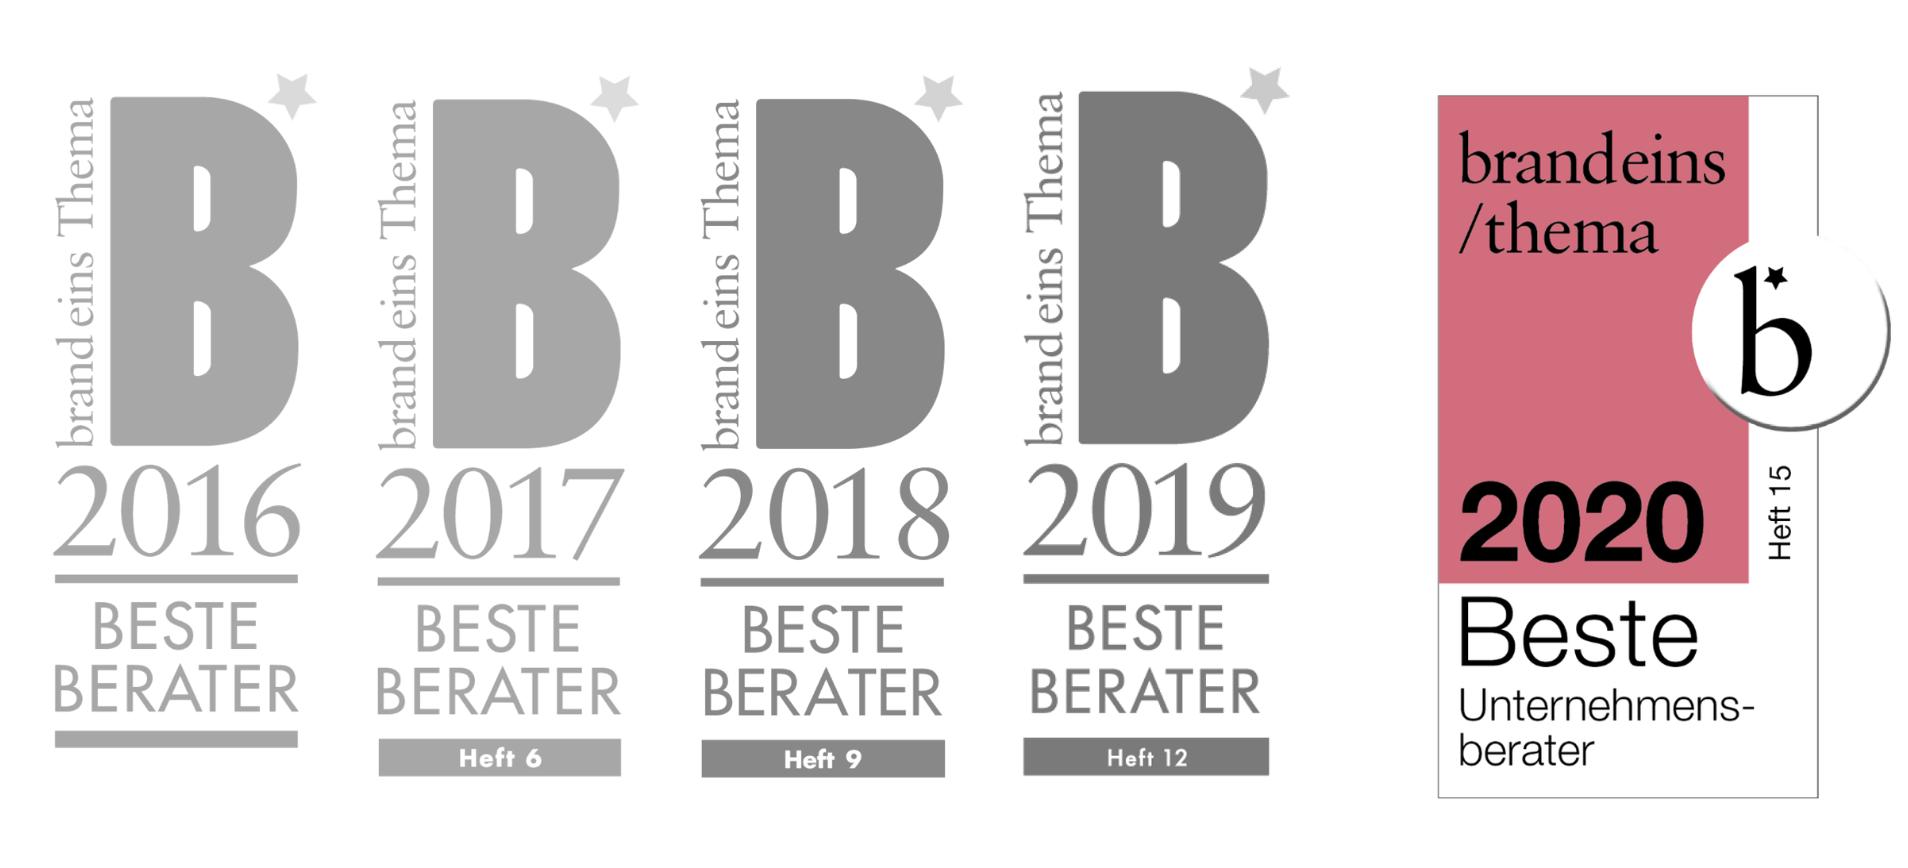 Brand Eins - Beste Berater 2016, 2017, 2018, 2019 und 2020